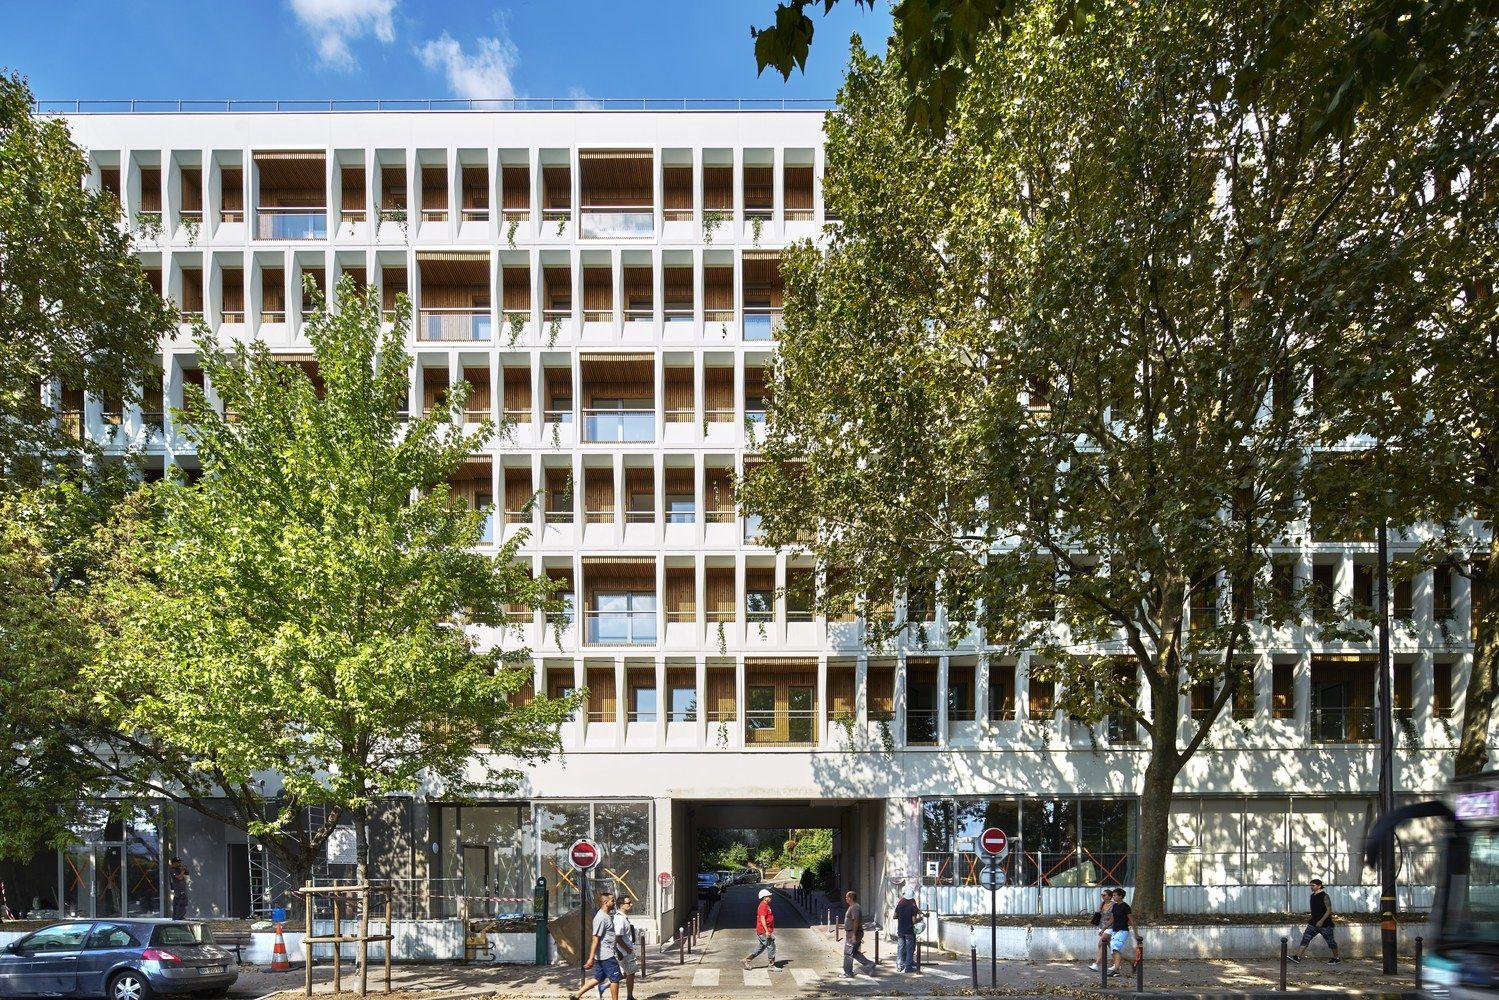 Galeria de Transformação de um Edifício de Escritórios em 90 Apartamentos / MOATTI-RIVIERE - 3